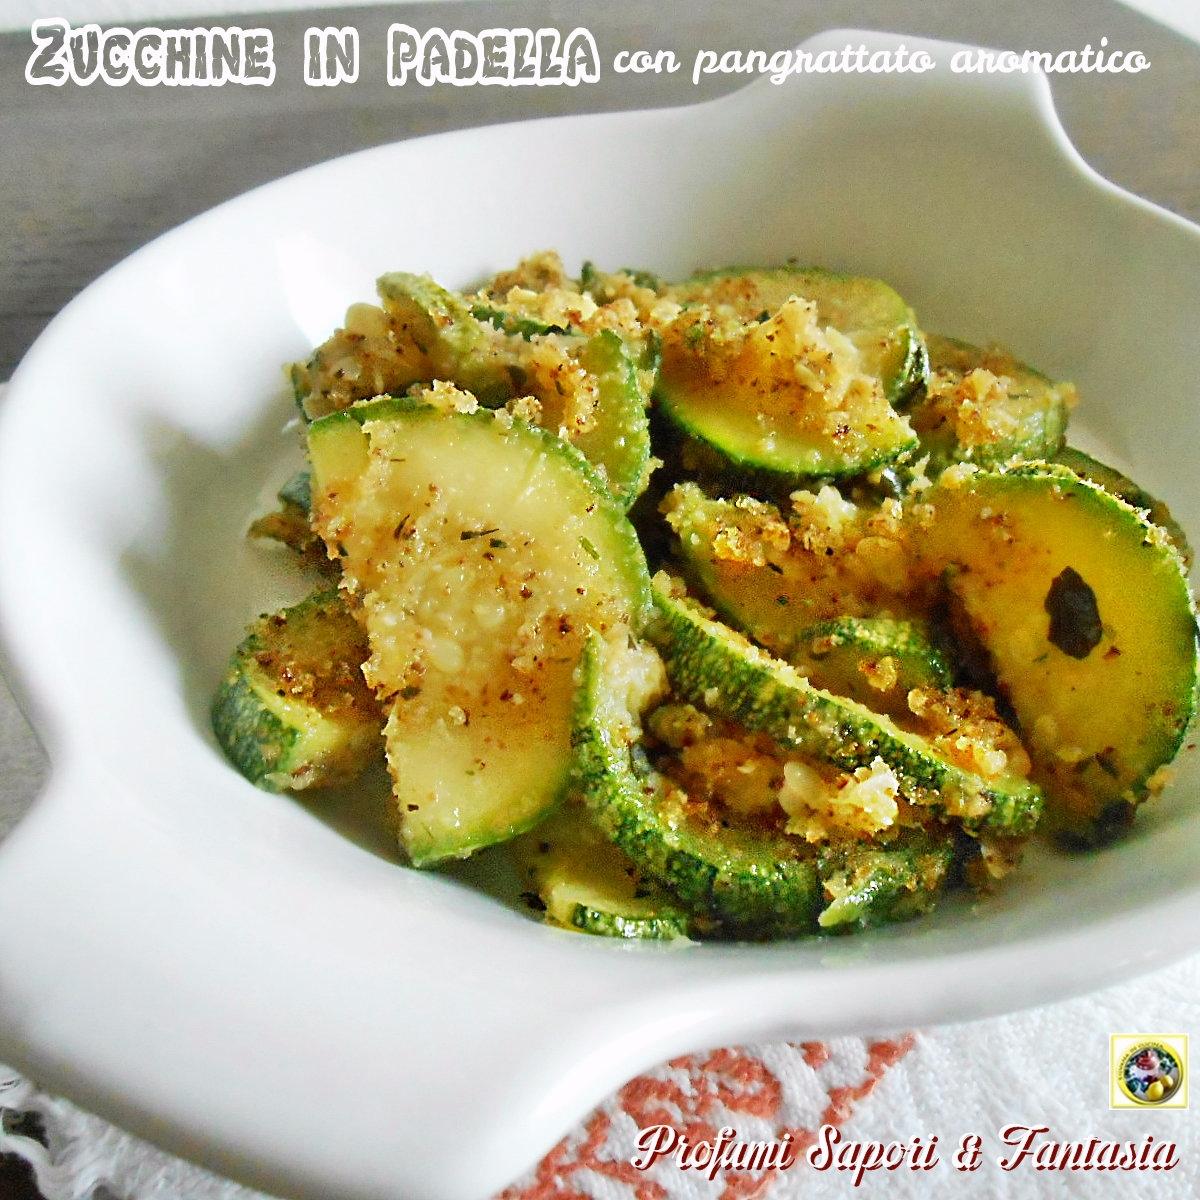 Zucchine in padella con pangrattato aromatico for Cucinare zucchine in padella